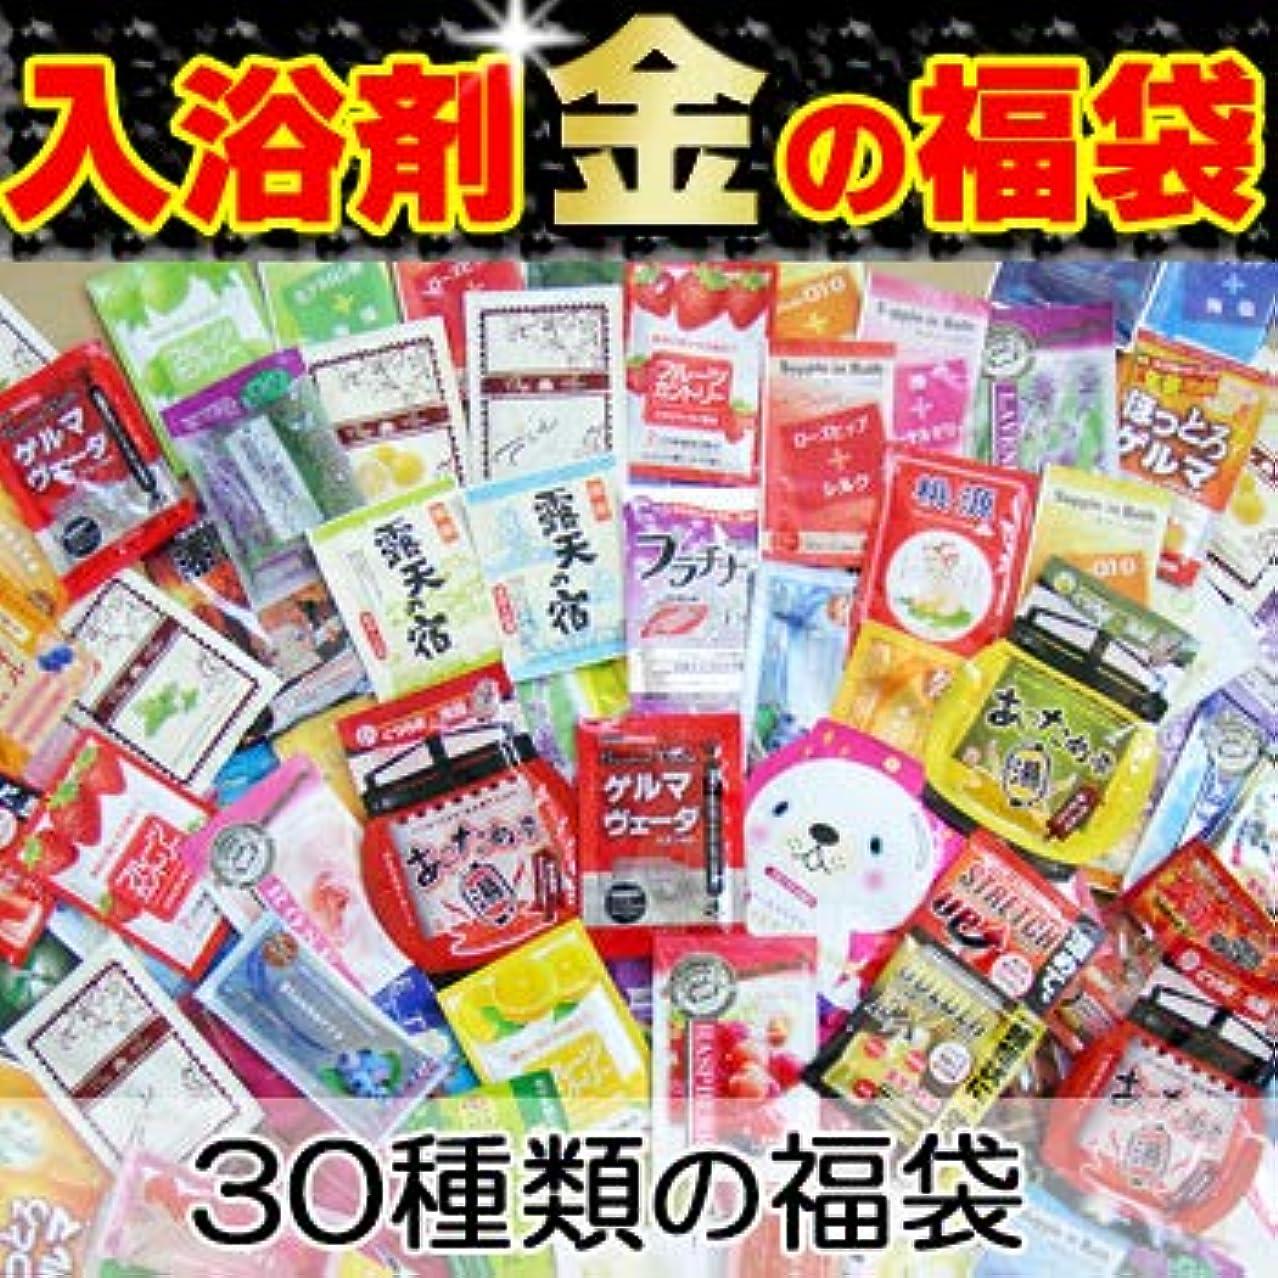 前兆座る航空お試し入浴剤 金の福袋30種類!30日分 入浴剤福袋 安心の日本製!